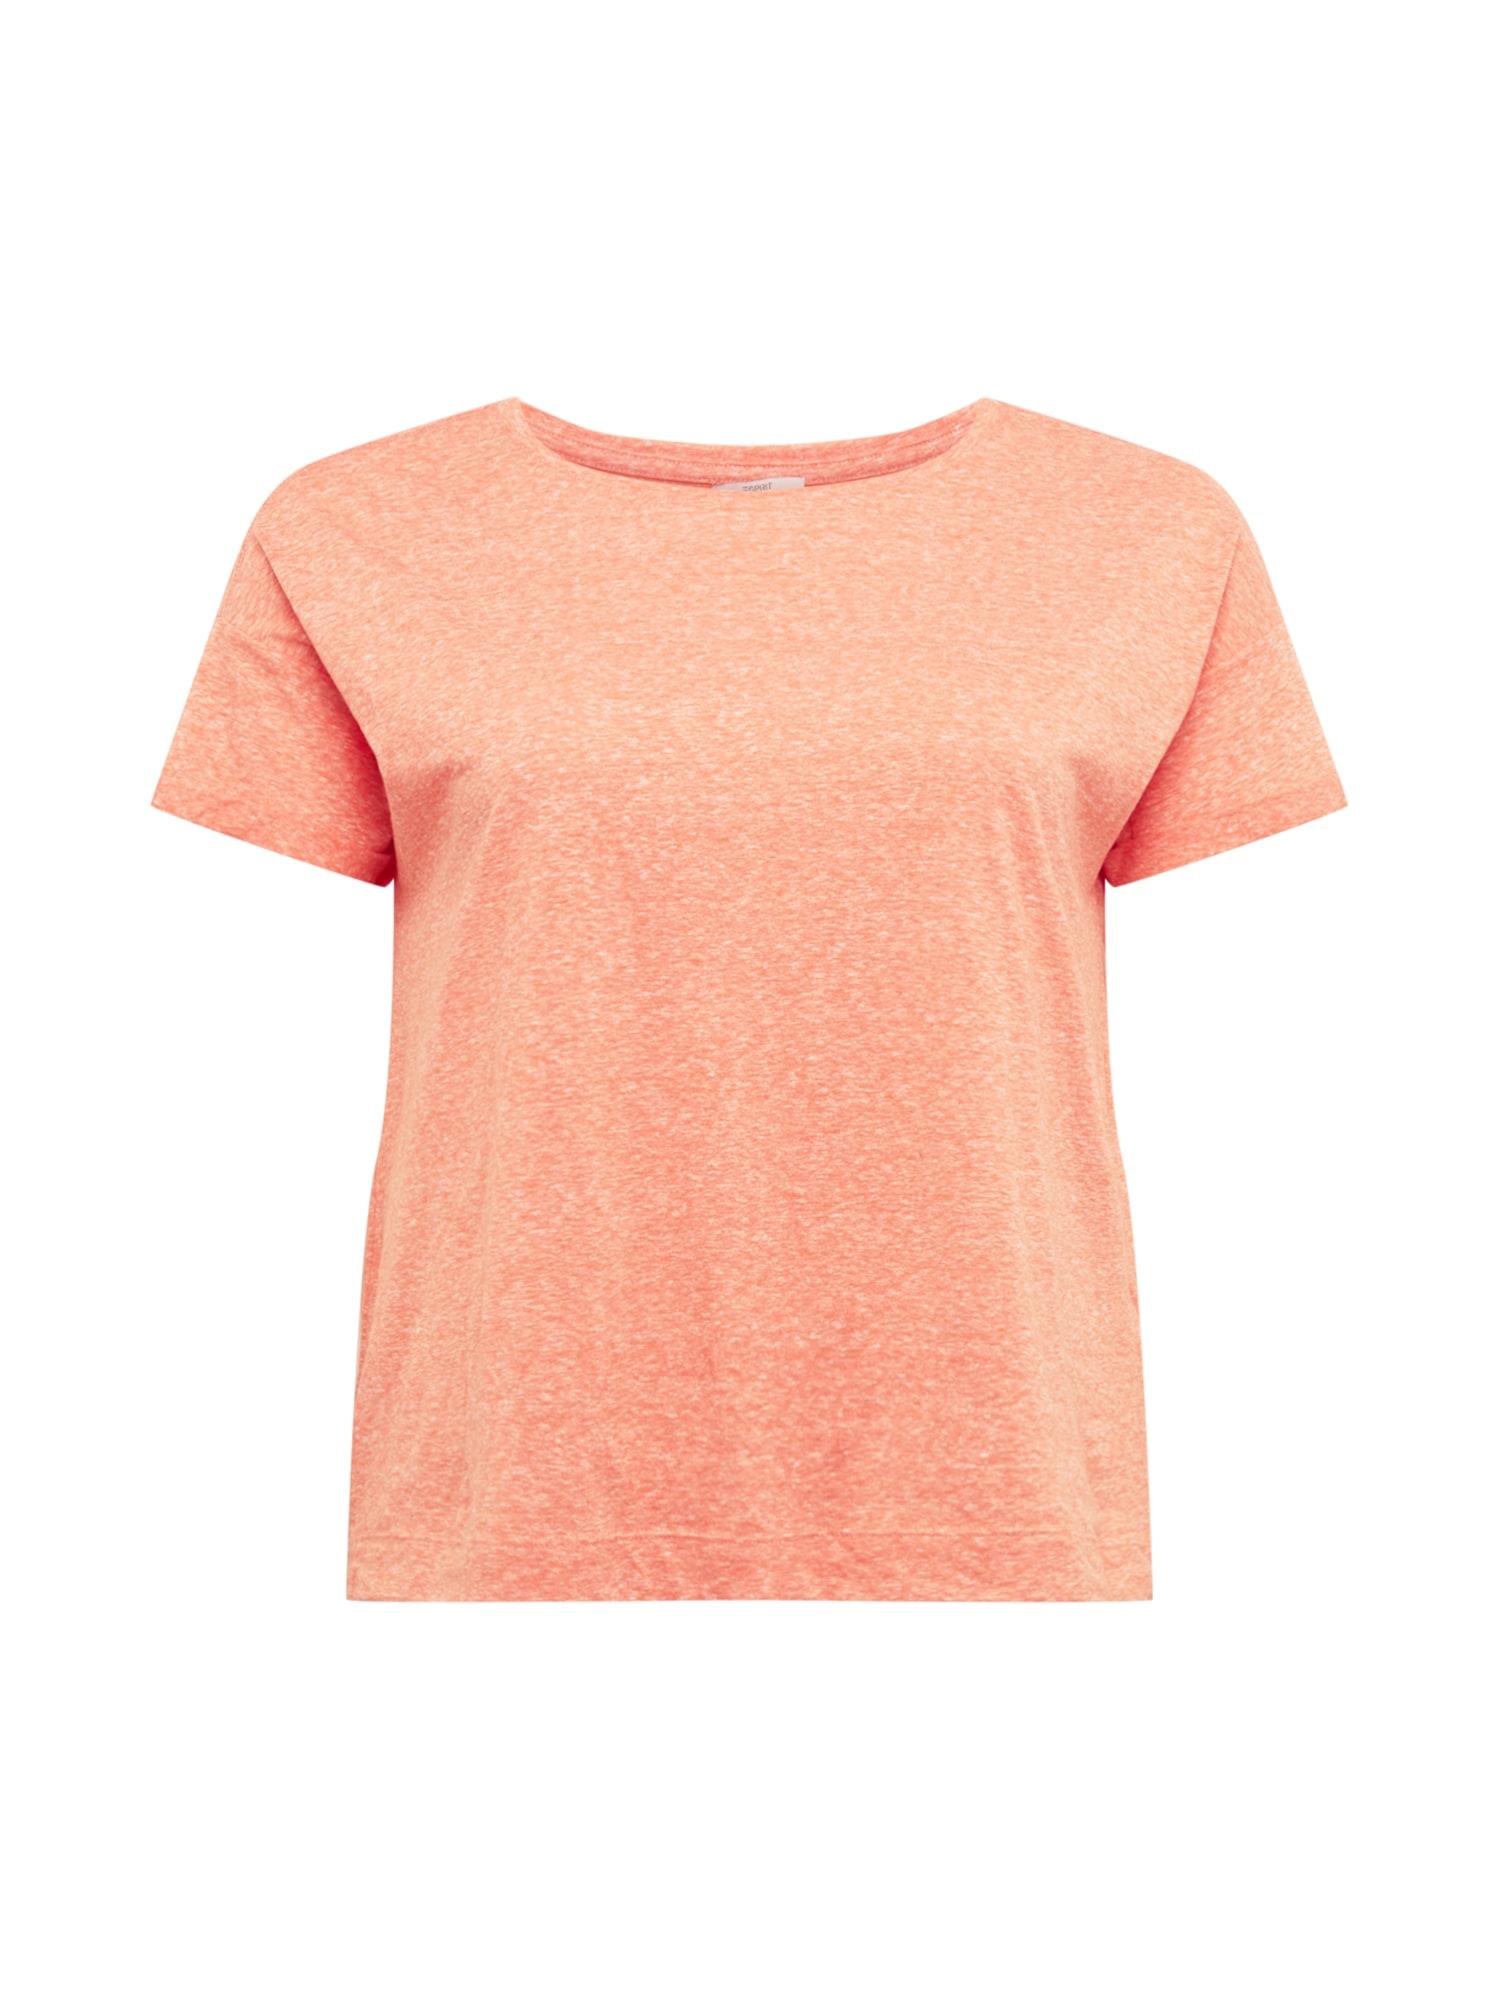 Esprit Curves Marškinėliai oranžinė-raudona